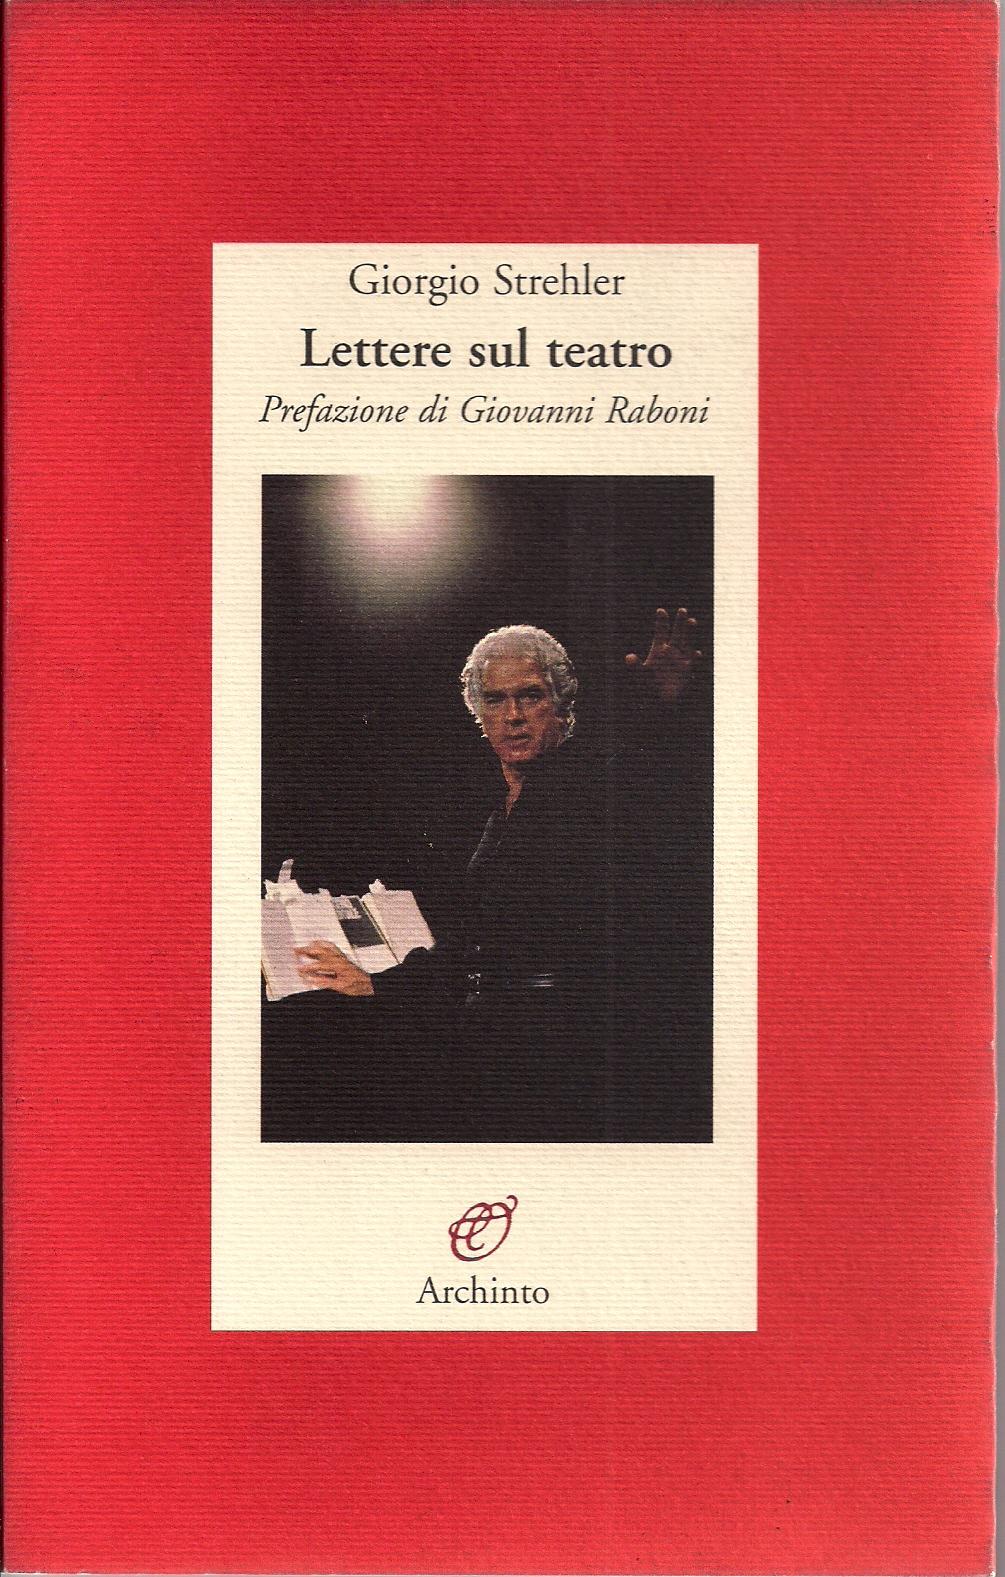 Lettere sul teatro